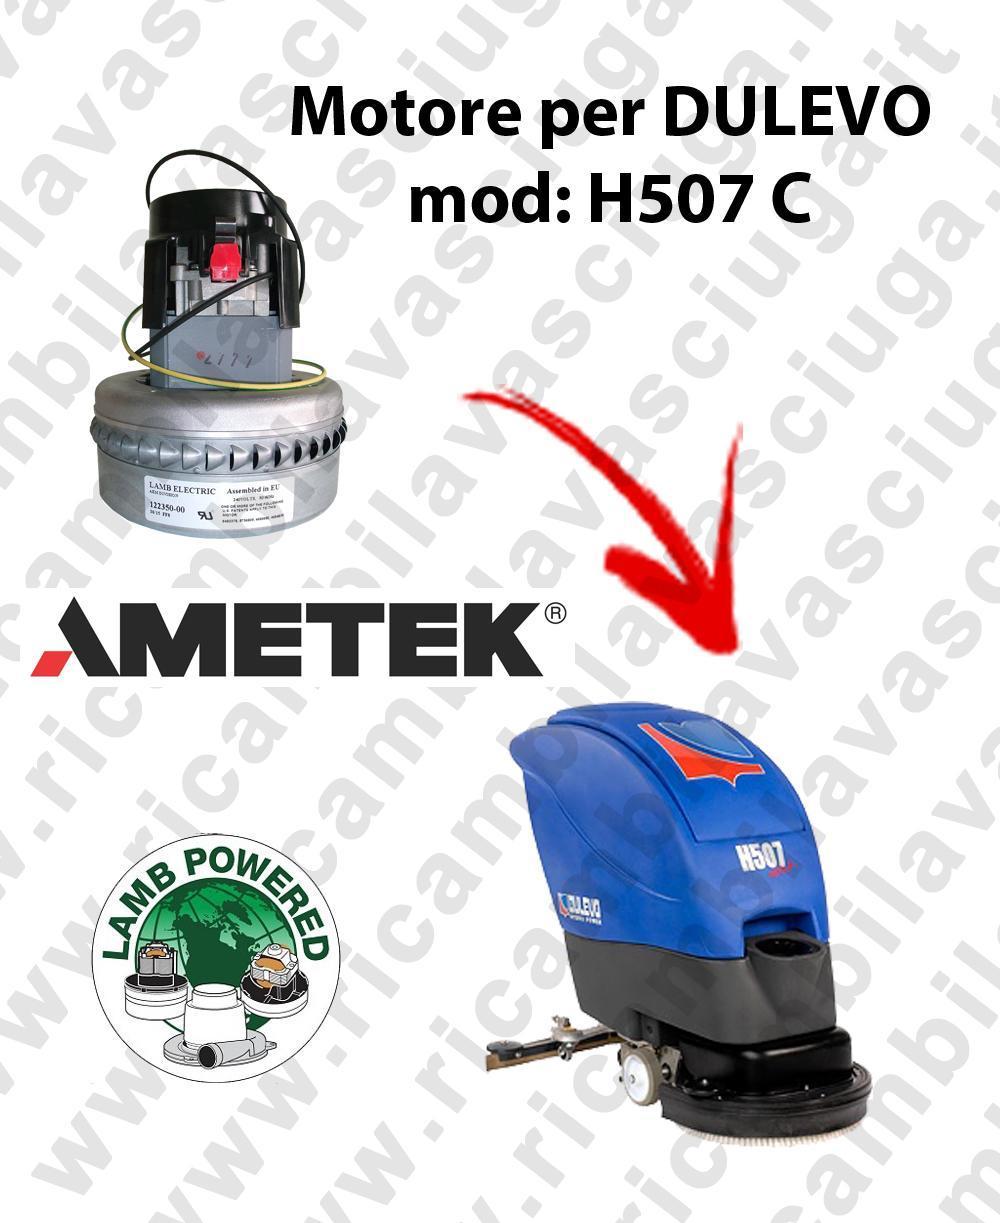 H507 C LAMB AMETEK vacuum motor for scrubber dryer DULEVO